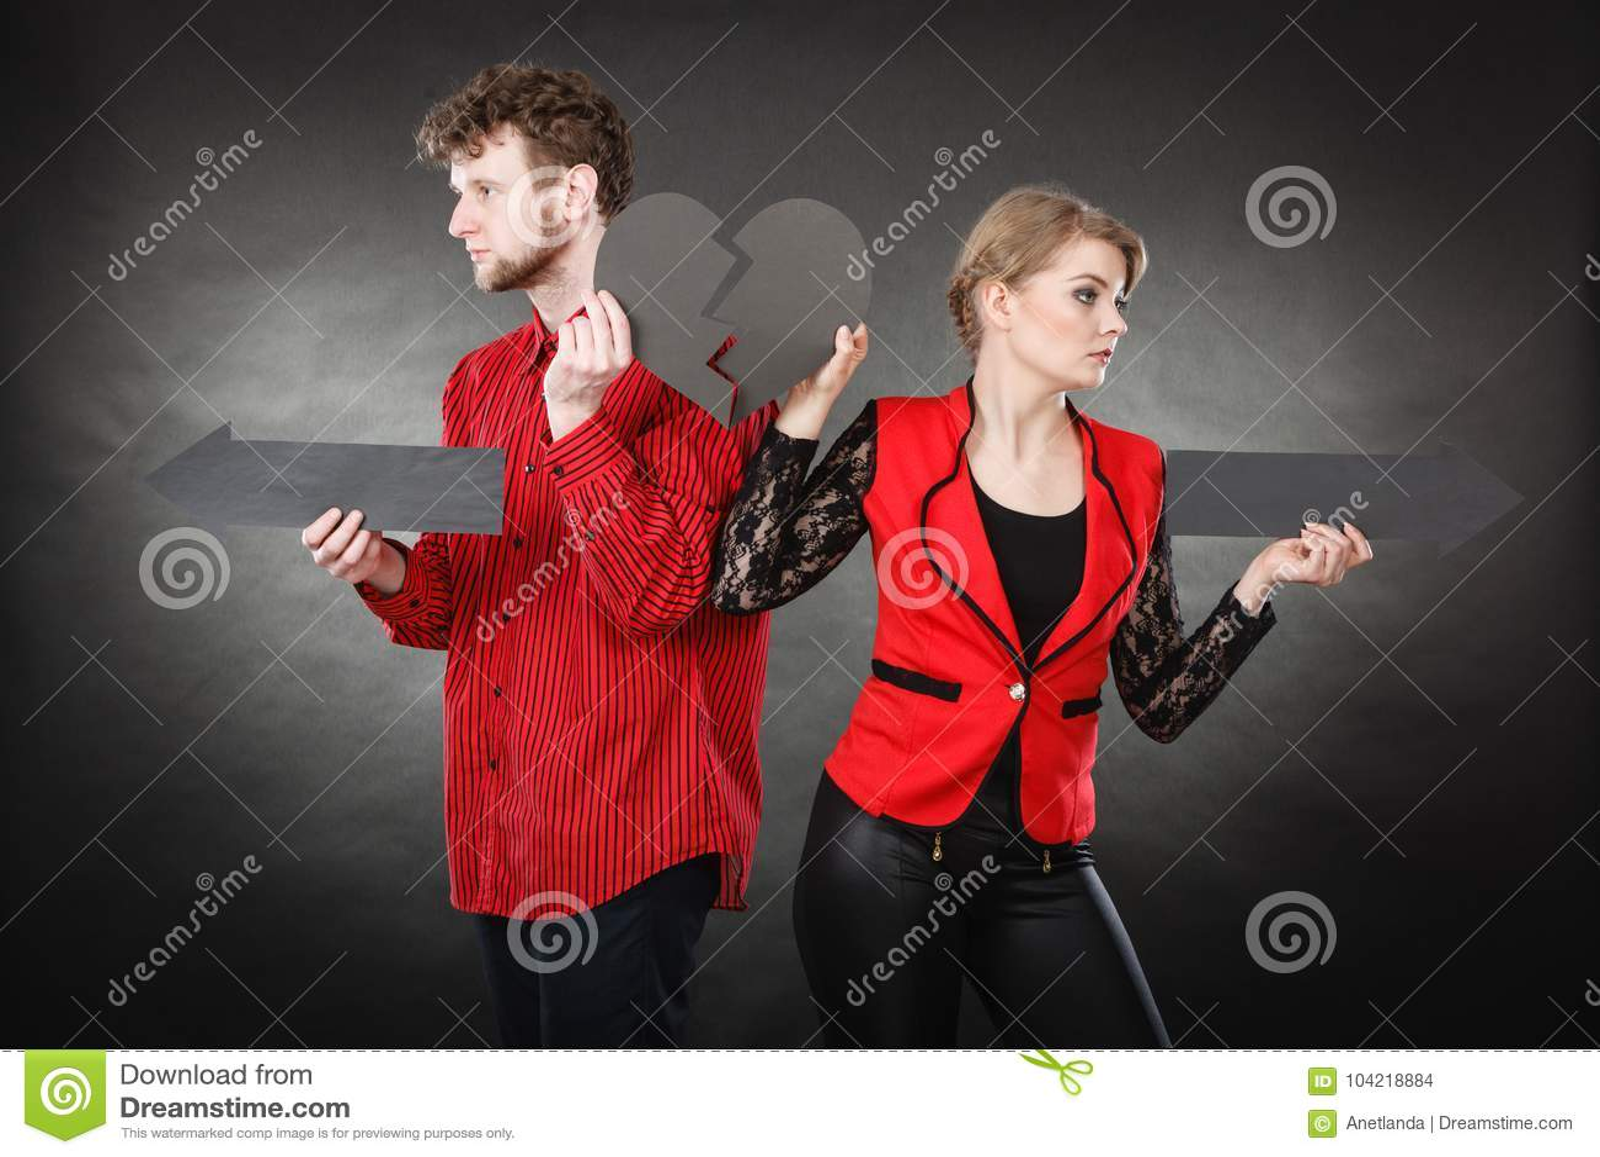 Νέο ζευγάρι που παρουσιάζει heartbreak σύμβολα